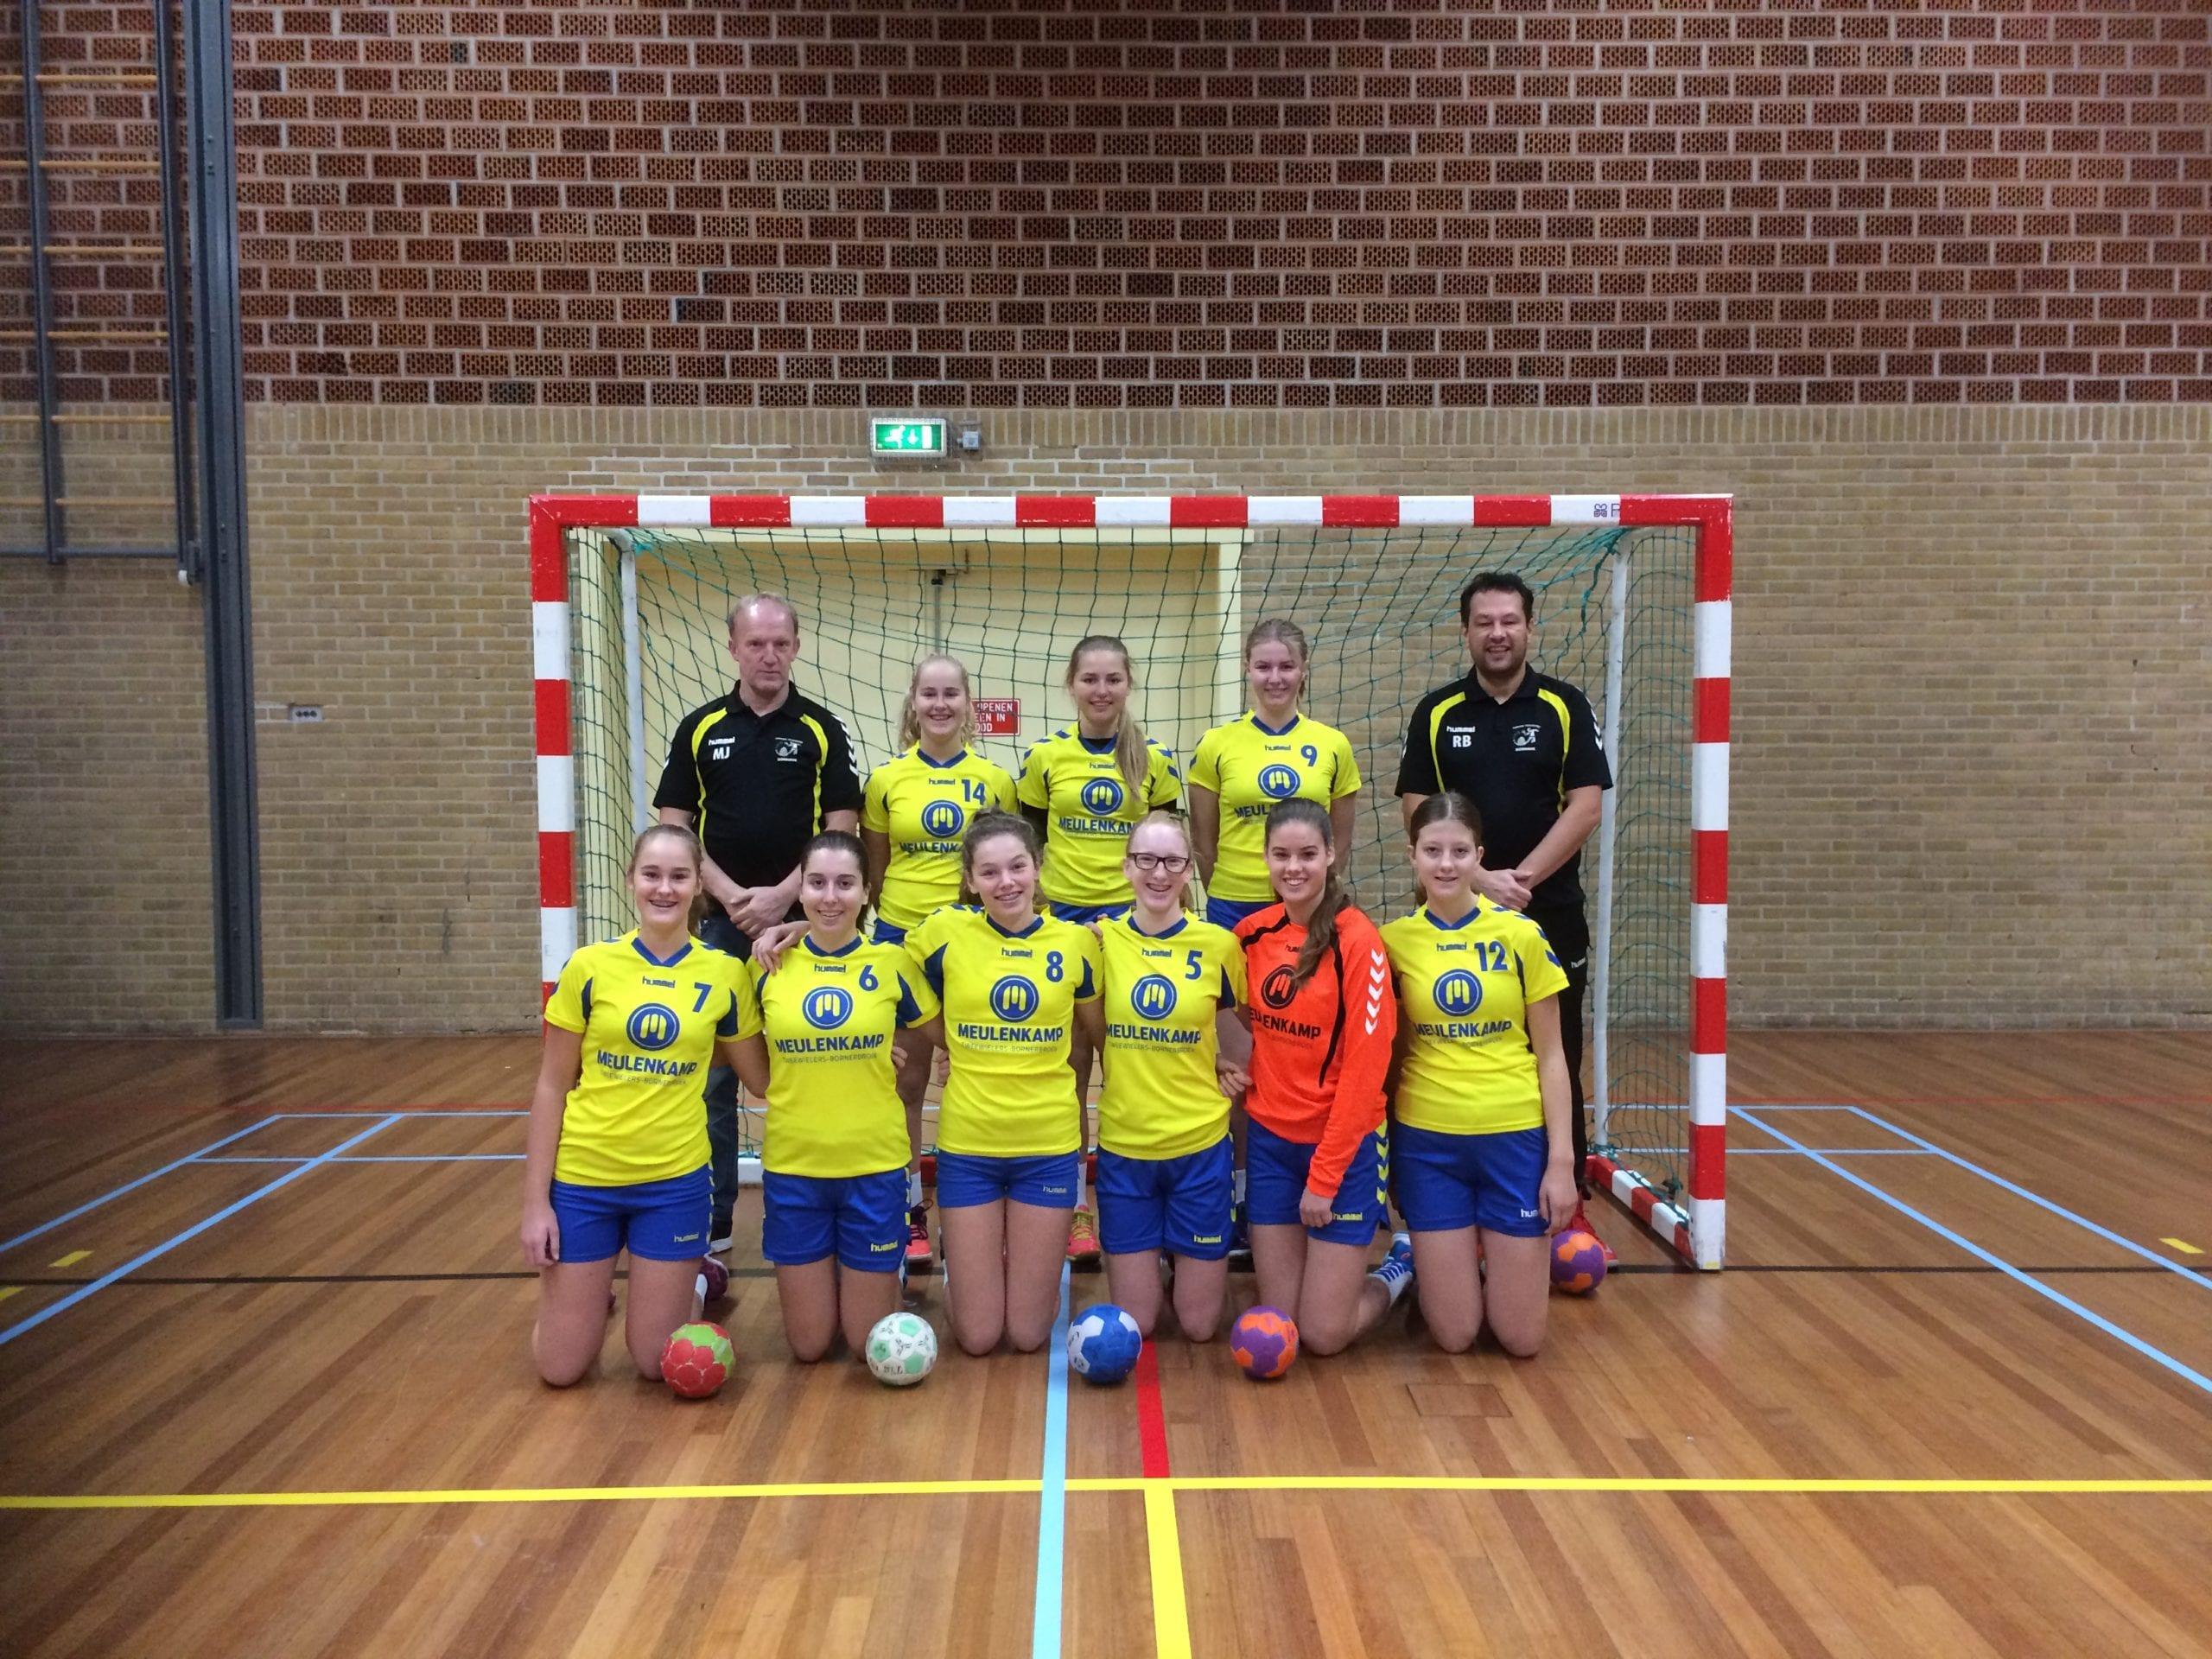 Borhave dames C1 2017/2018